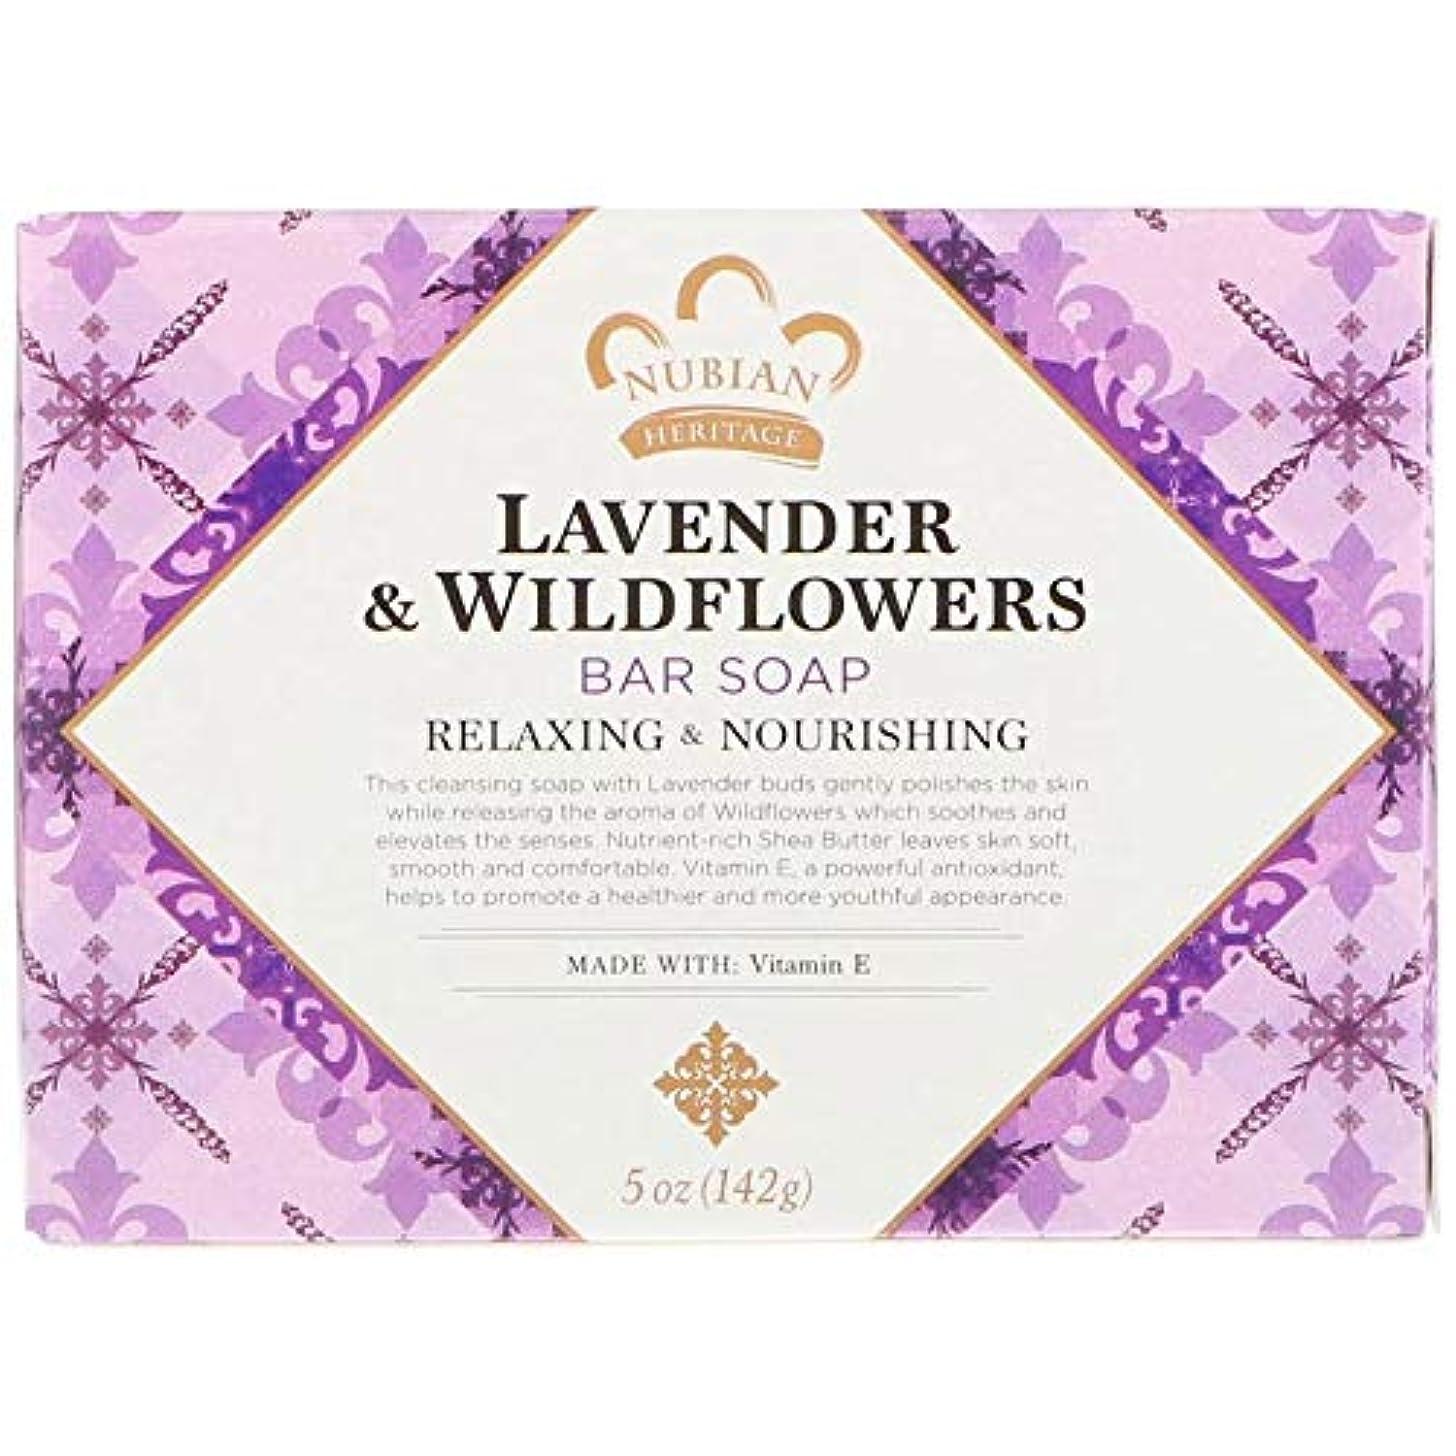 毛布サスペンション医学シアバターソープ石鹸 ラベンダー&ワイルドフラワー Lavender & Wildflowers Bar Soap, 5 oz (142 g) [並行輸入品]